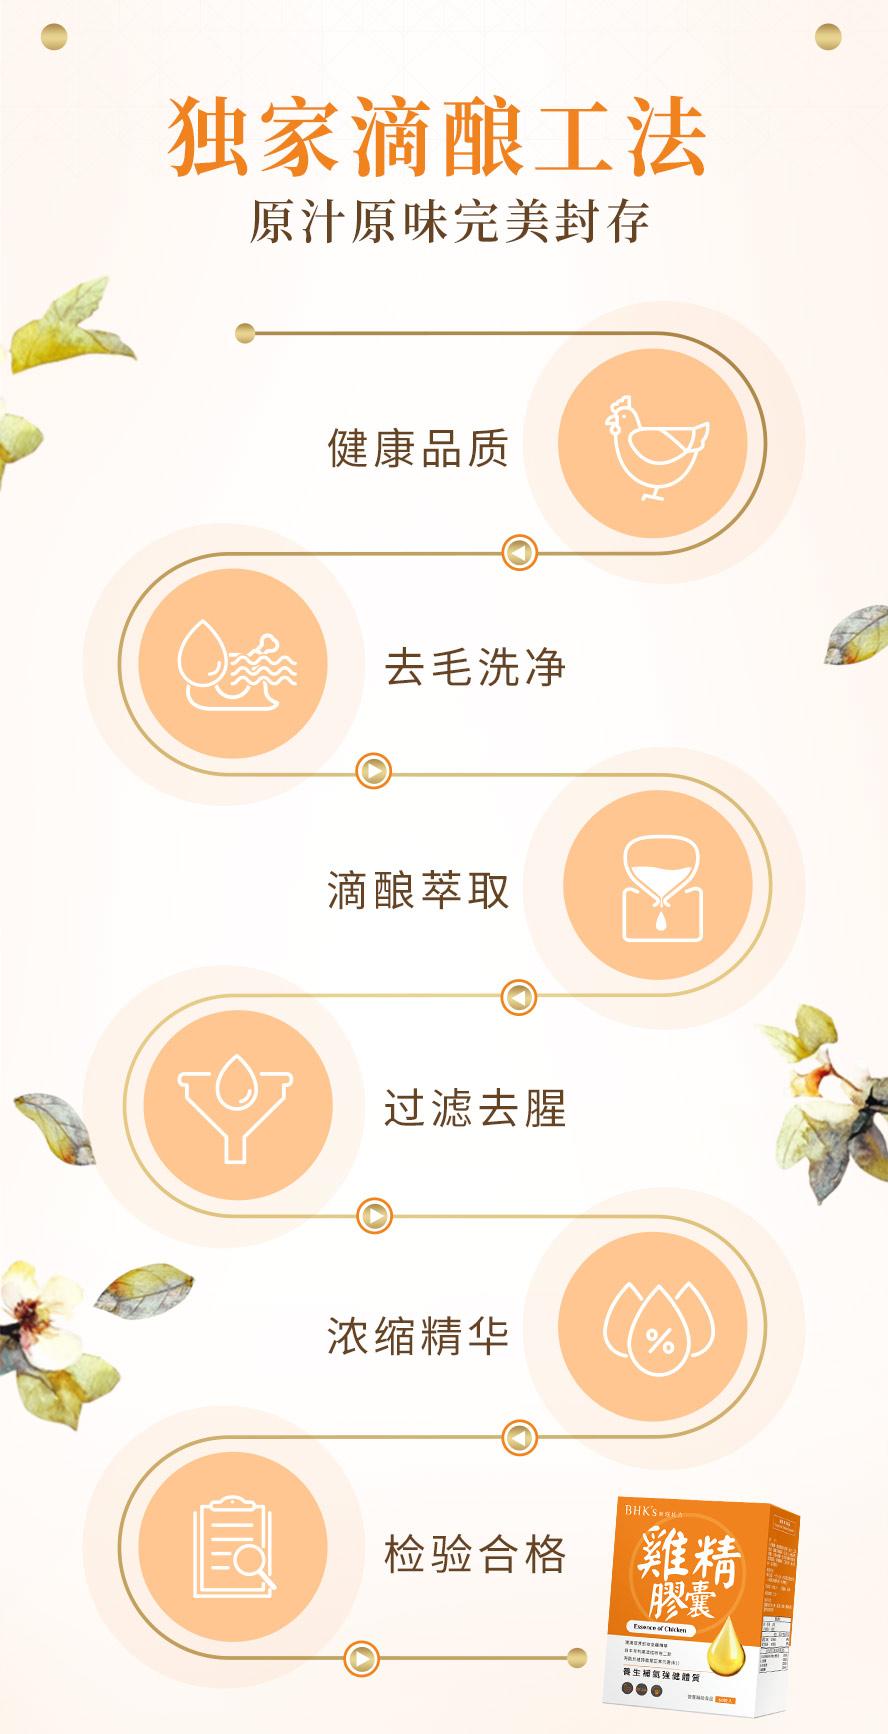 鸡精胶囊独家萃取技术,保留住鸡精中最珍贵的活性成分,浓缩精华不流失,检验合格请安心食用.